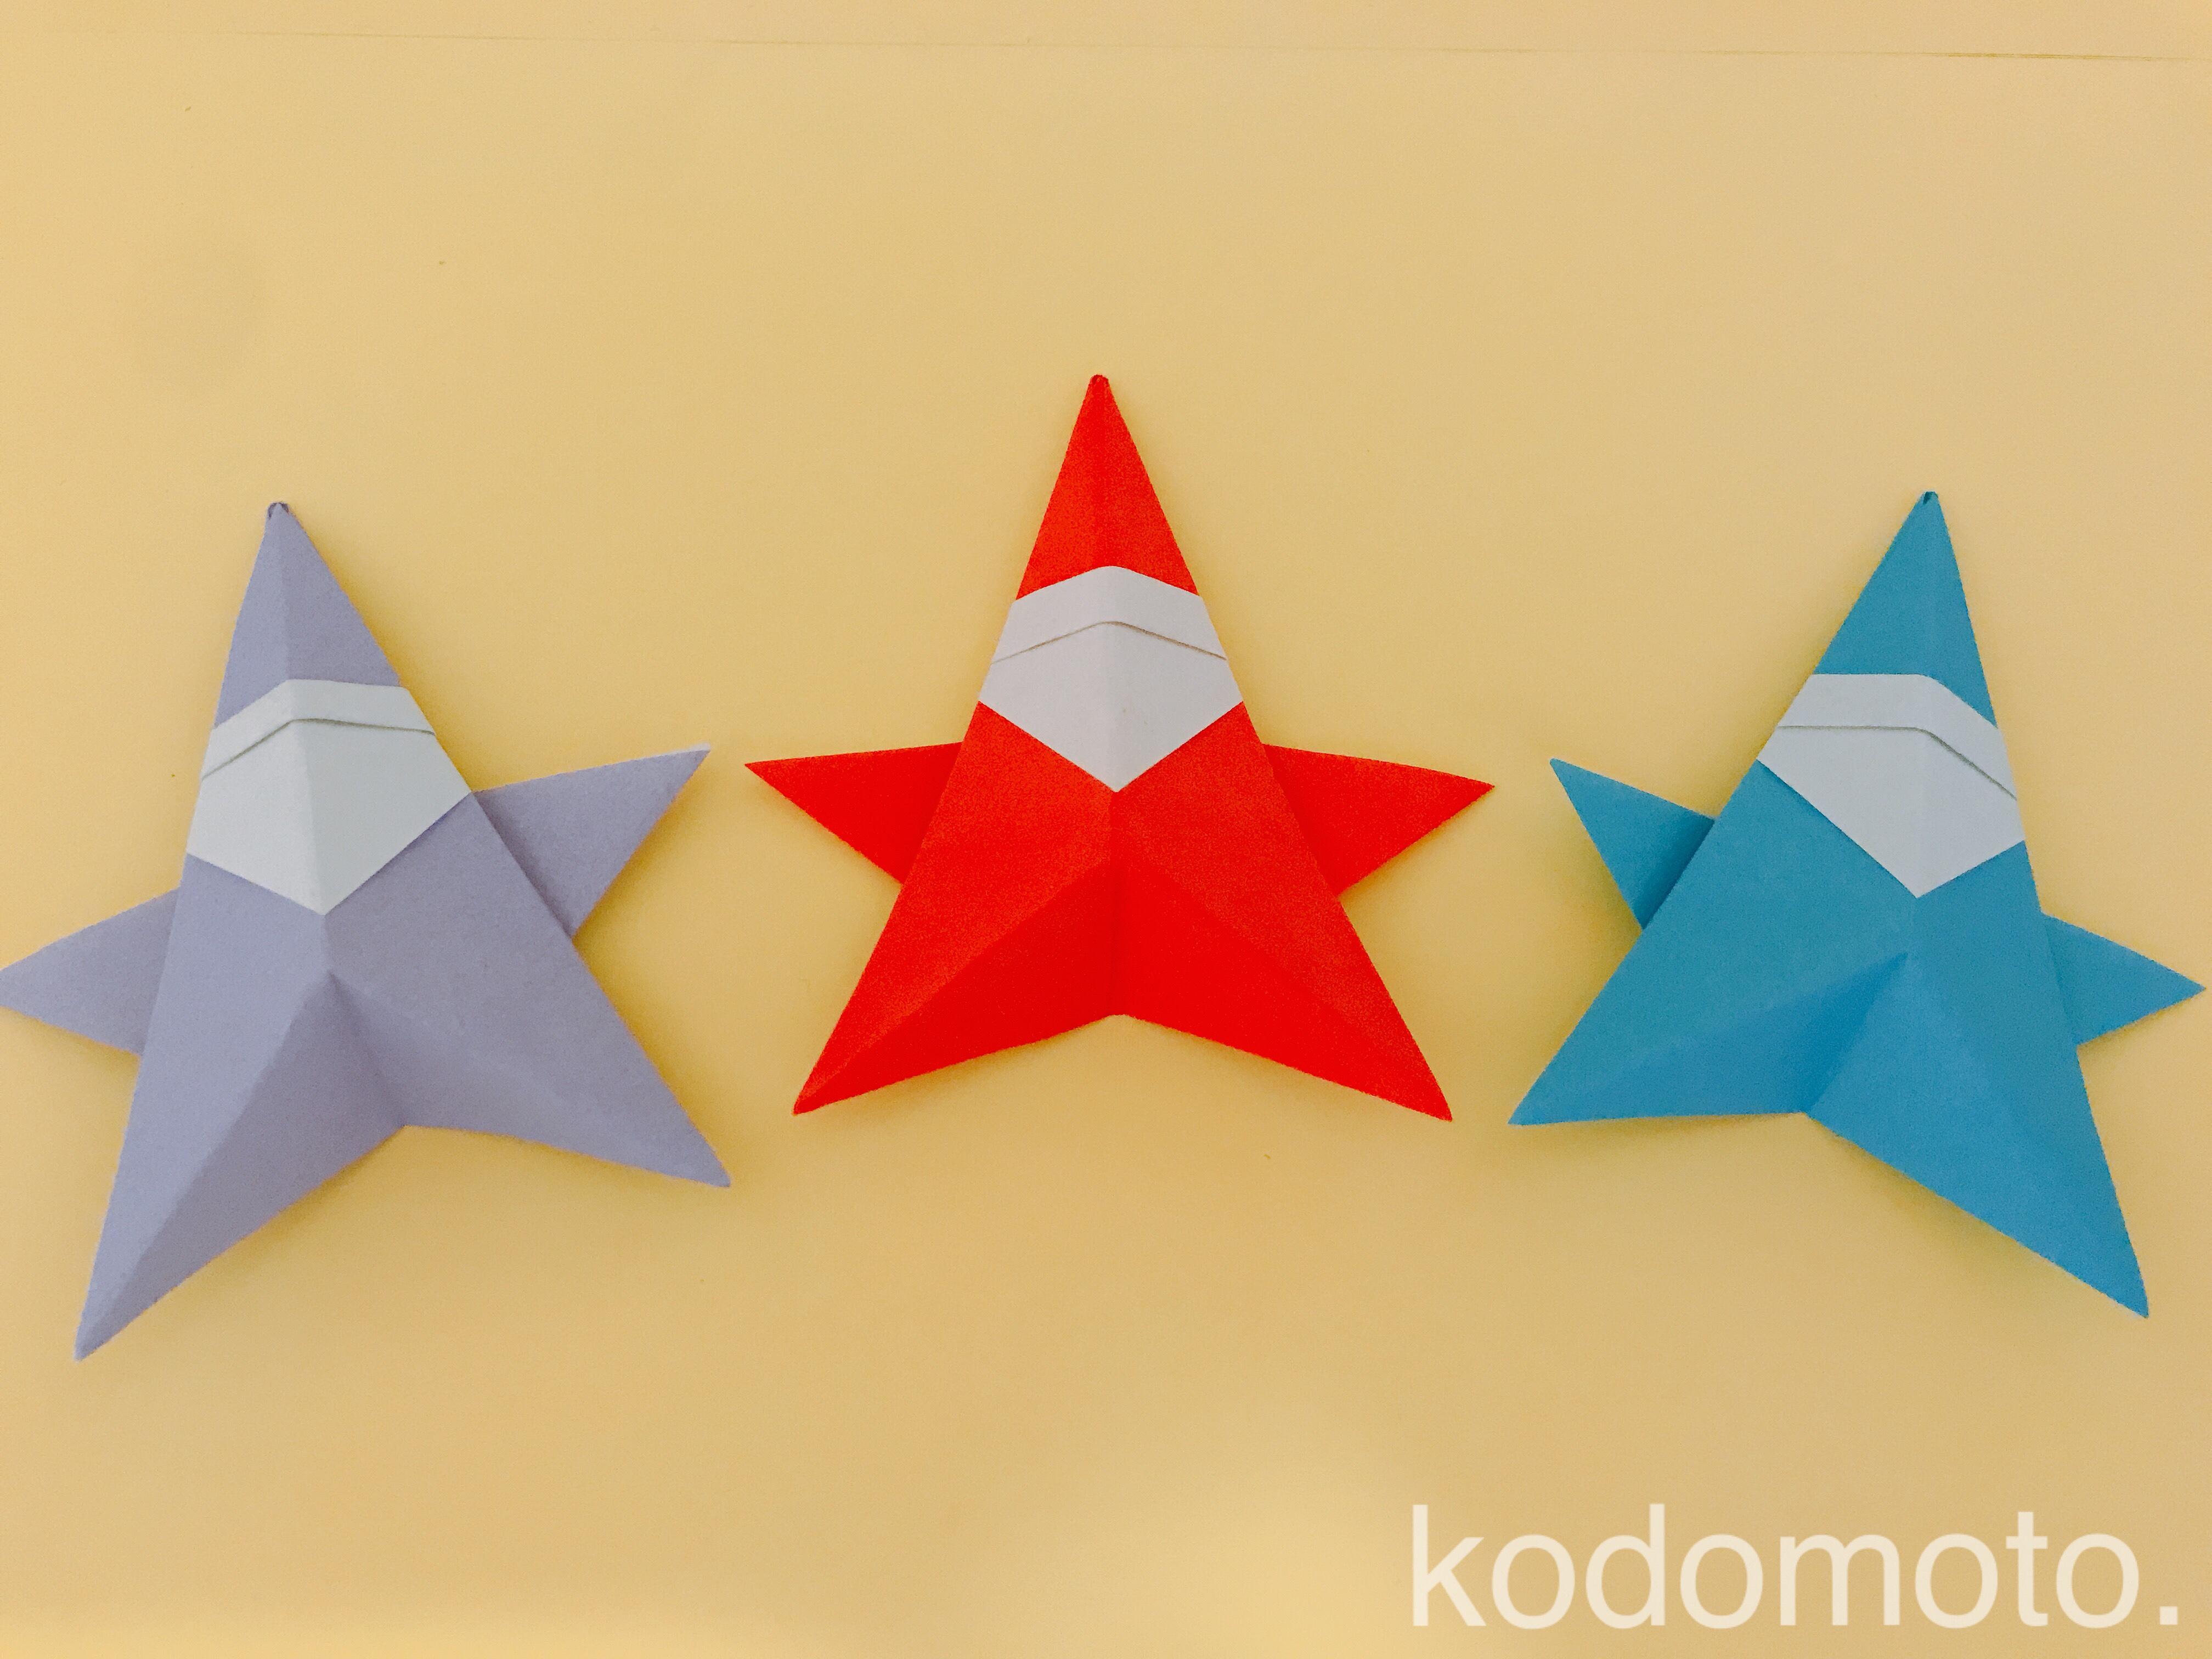 折り紙で星の形のサンタさんを作ろう!立体で可愛い♡飾りにもなるよ!